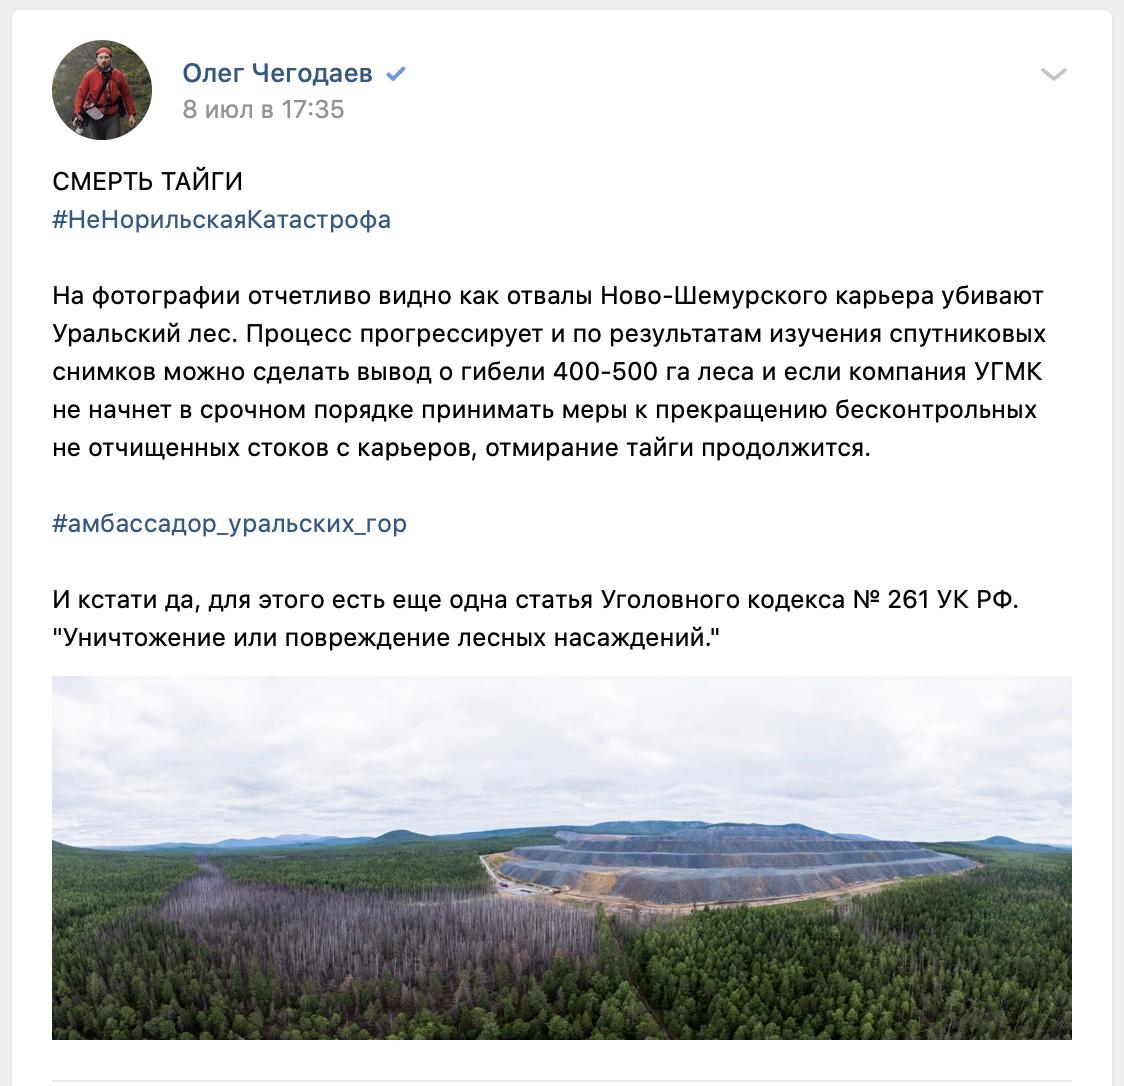 Олег Чегодаев  Амбассадор уральских гор солгал